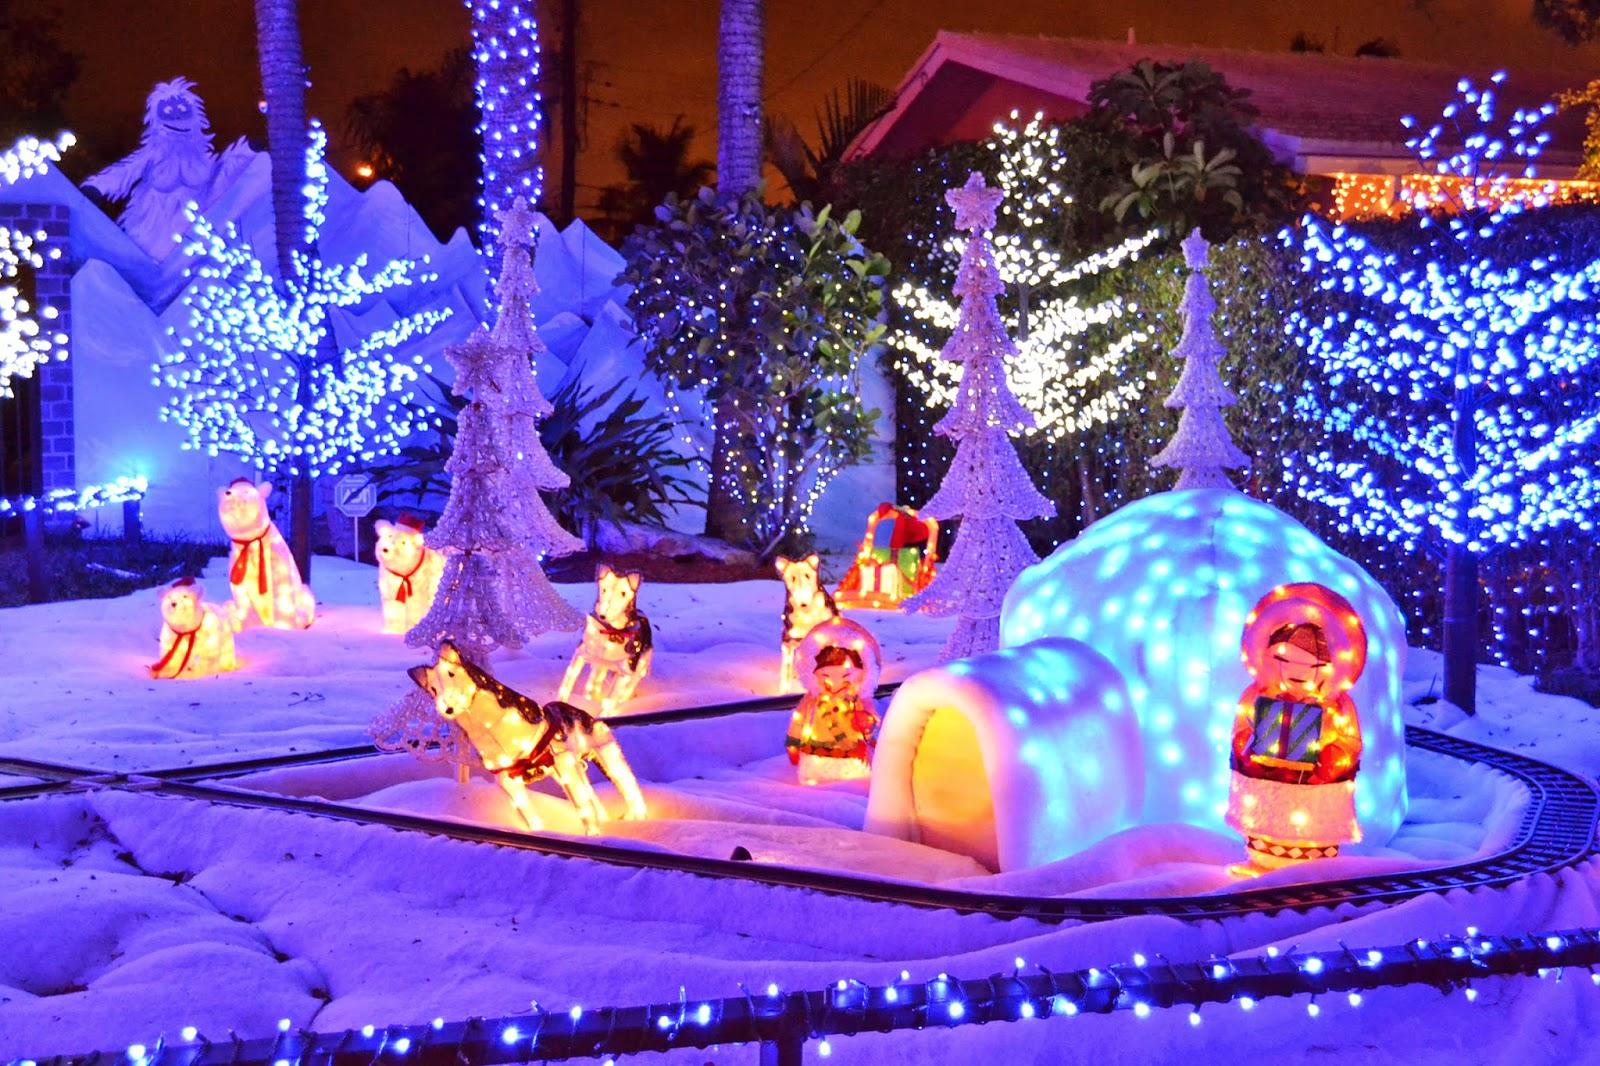 Artesanato Verefazer ~ Hey Florida! Decoraç u00e3o de Natal pela vizinhança!